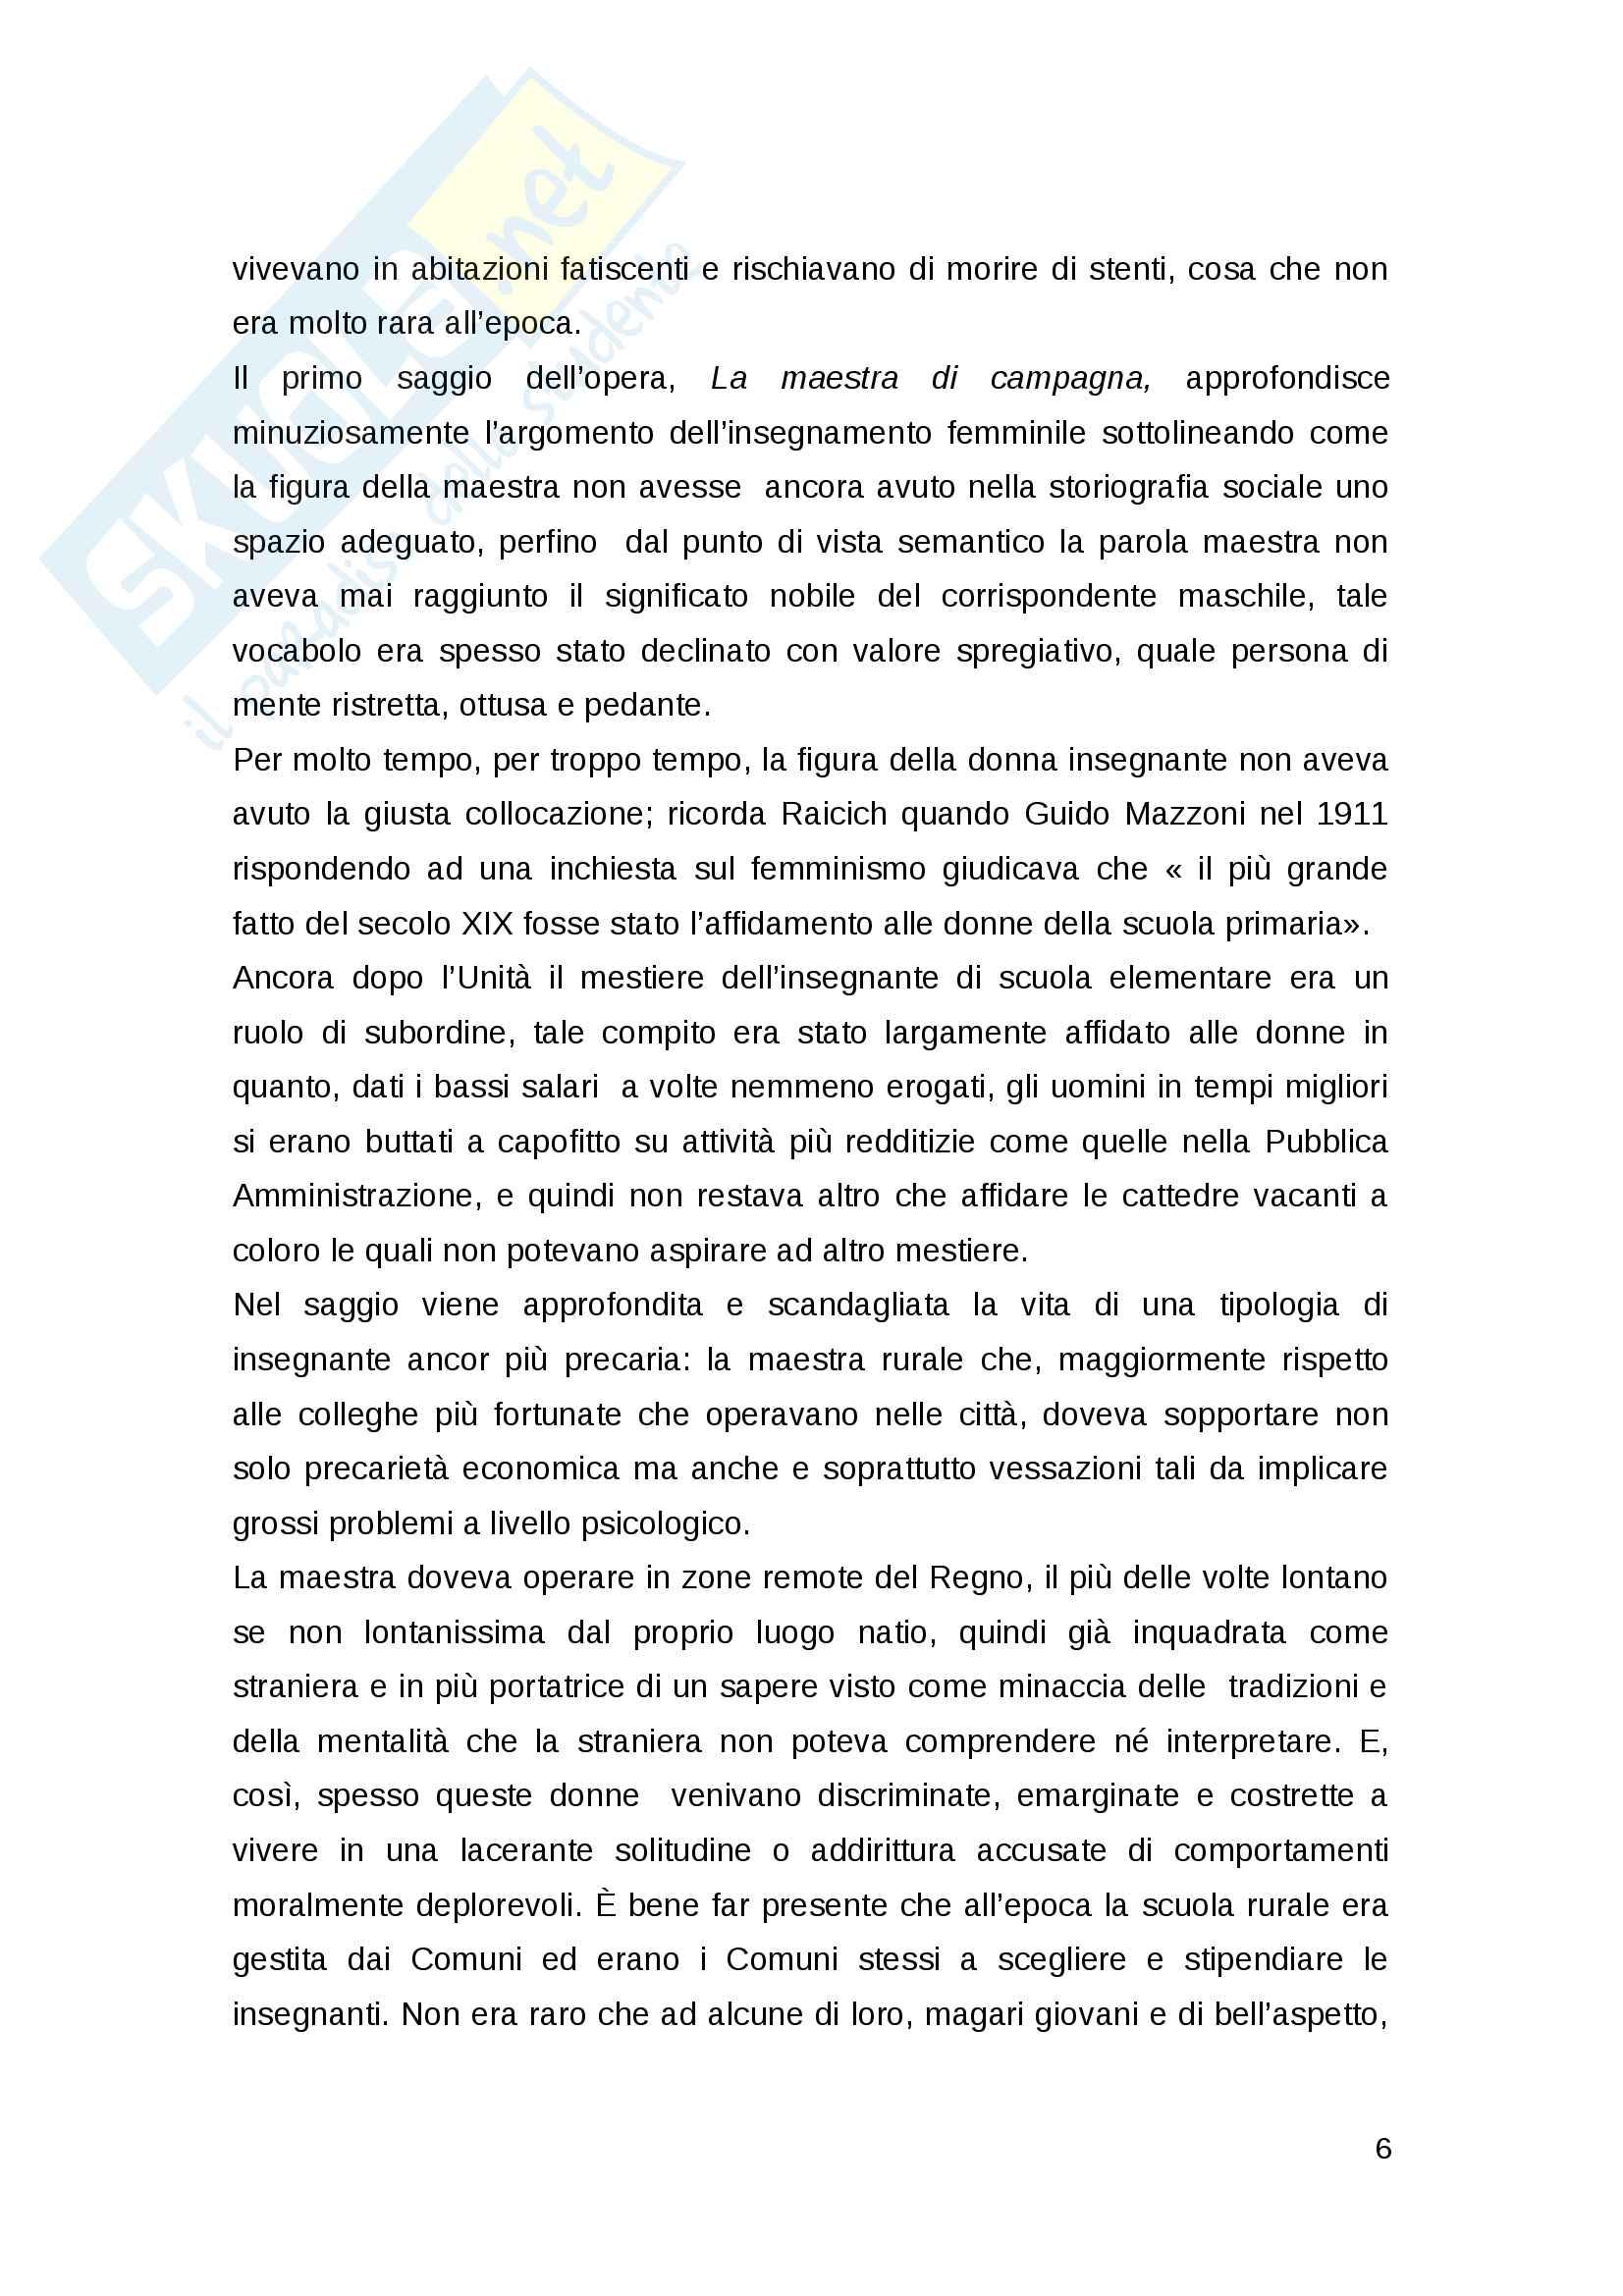 Marino Raicich, Storie di scuola da un'Italia lontana. Analisi personale del testo. Pag. 6